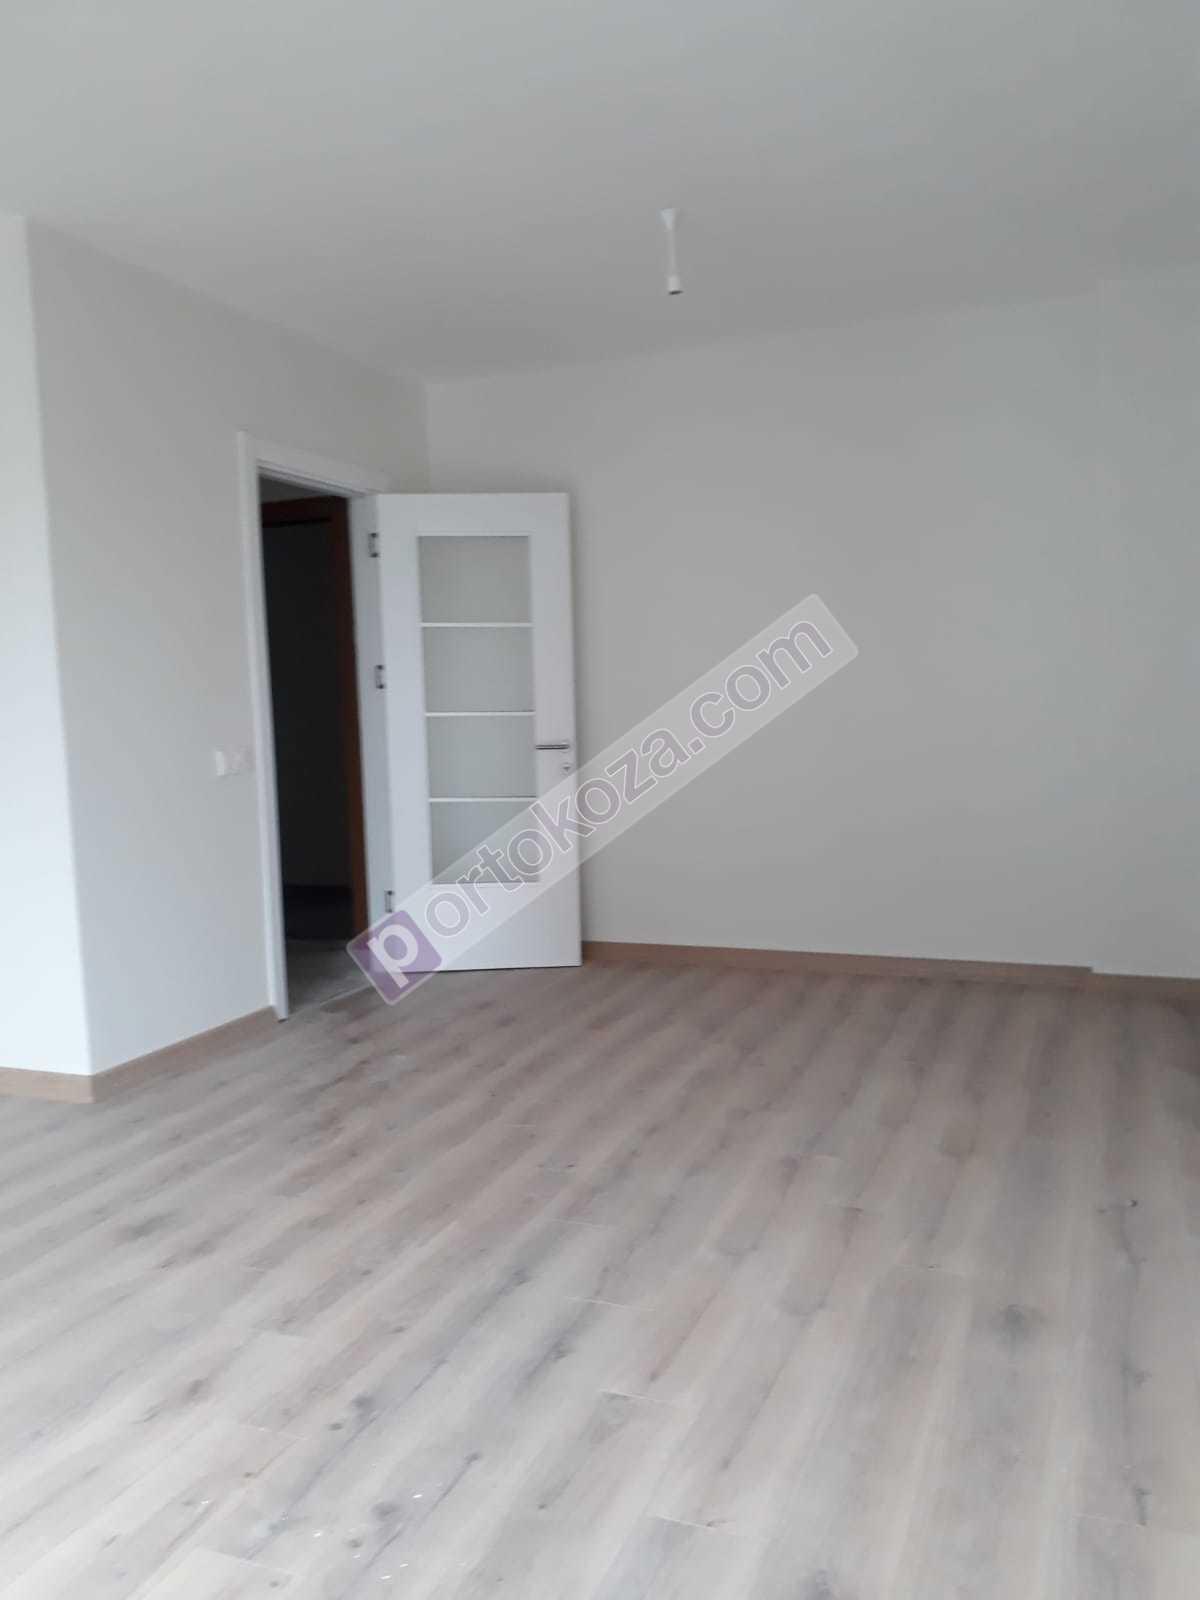 شقة للبيع  غرف 3+2 في جونجوران